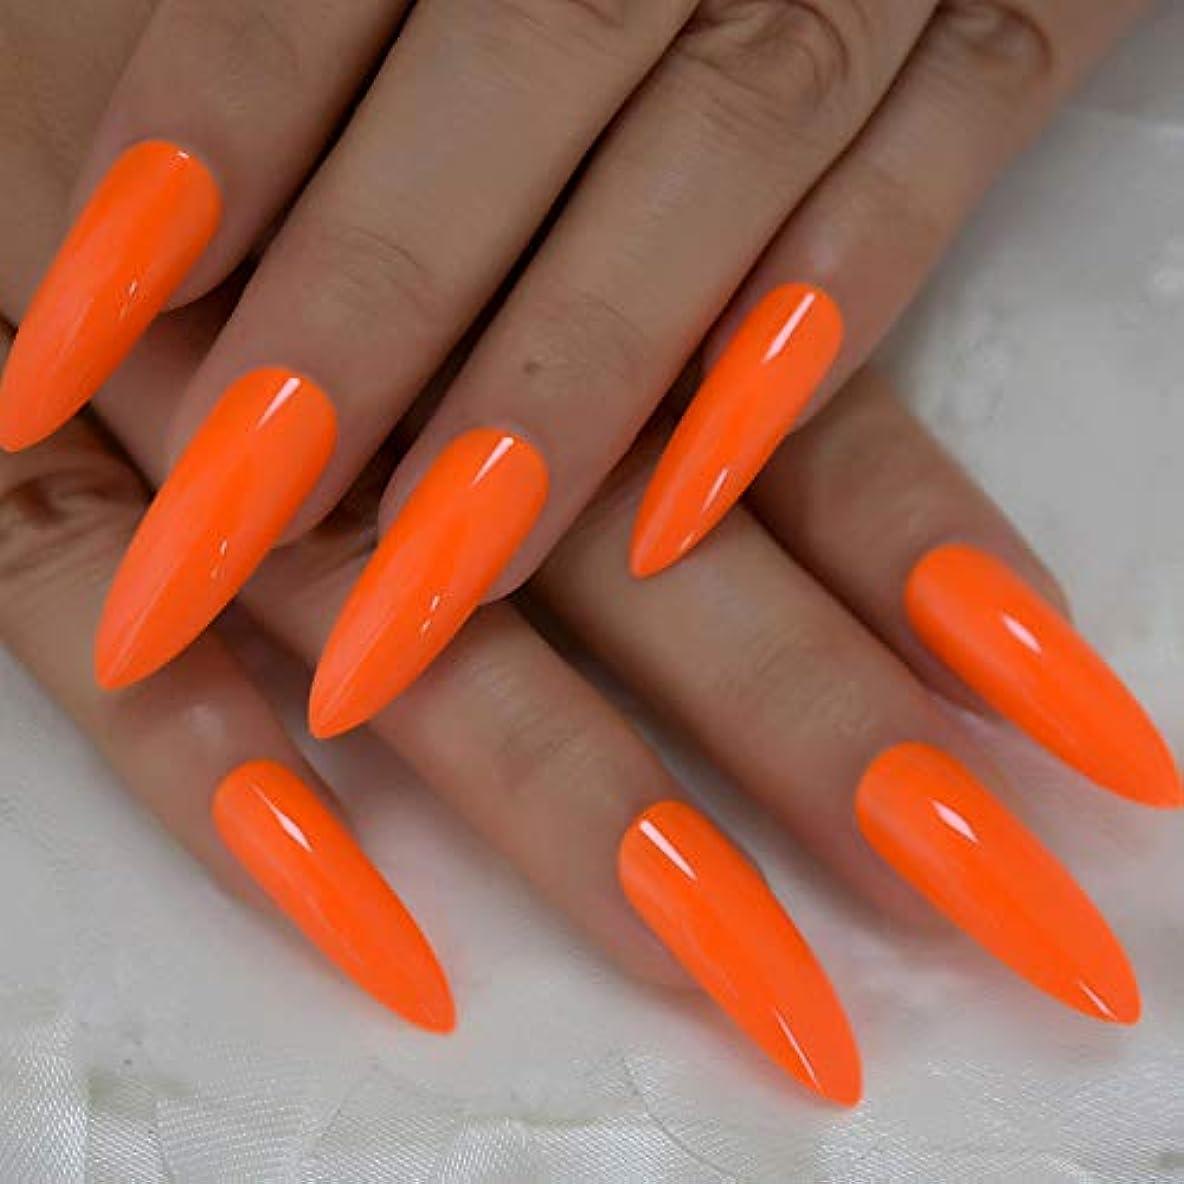 遺体安置所辞任ビルダーXUTXZKA ネオン偽爪ネイルデコレーションマニキュアのヒントの非常に長い光沢のあるオレンジ色の光沢のあるプレスネイル24個